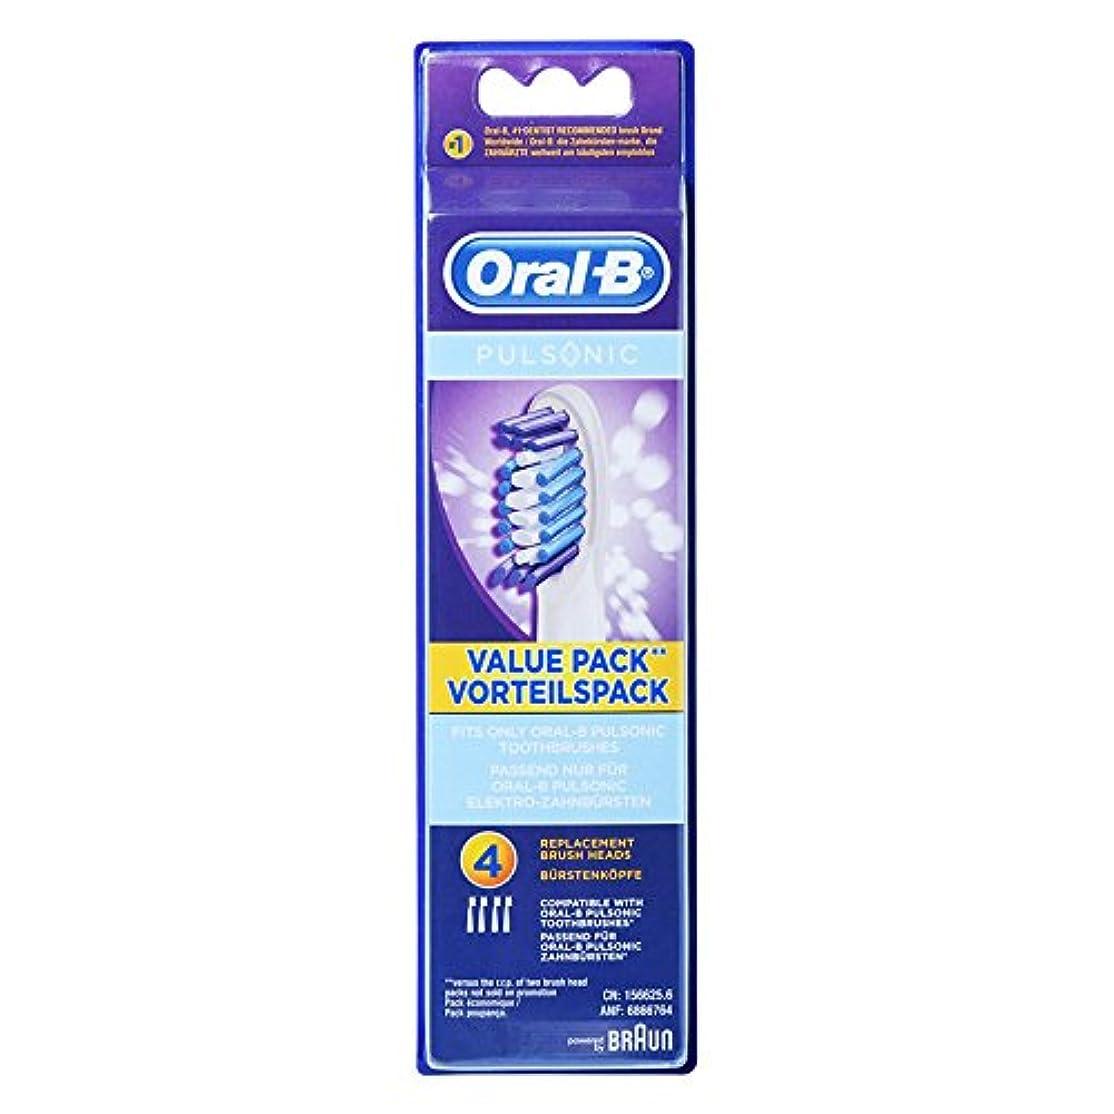 日カスタムパシフィックBraun Oral-B SR32-4 Pulsonic Value Pack 交換用ブラシヘッド 1Pack [並行輸入品]